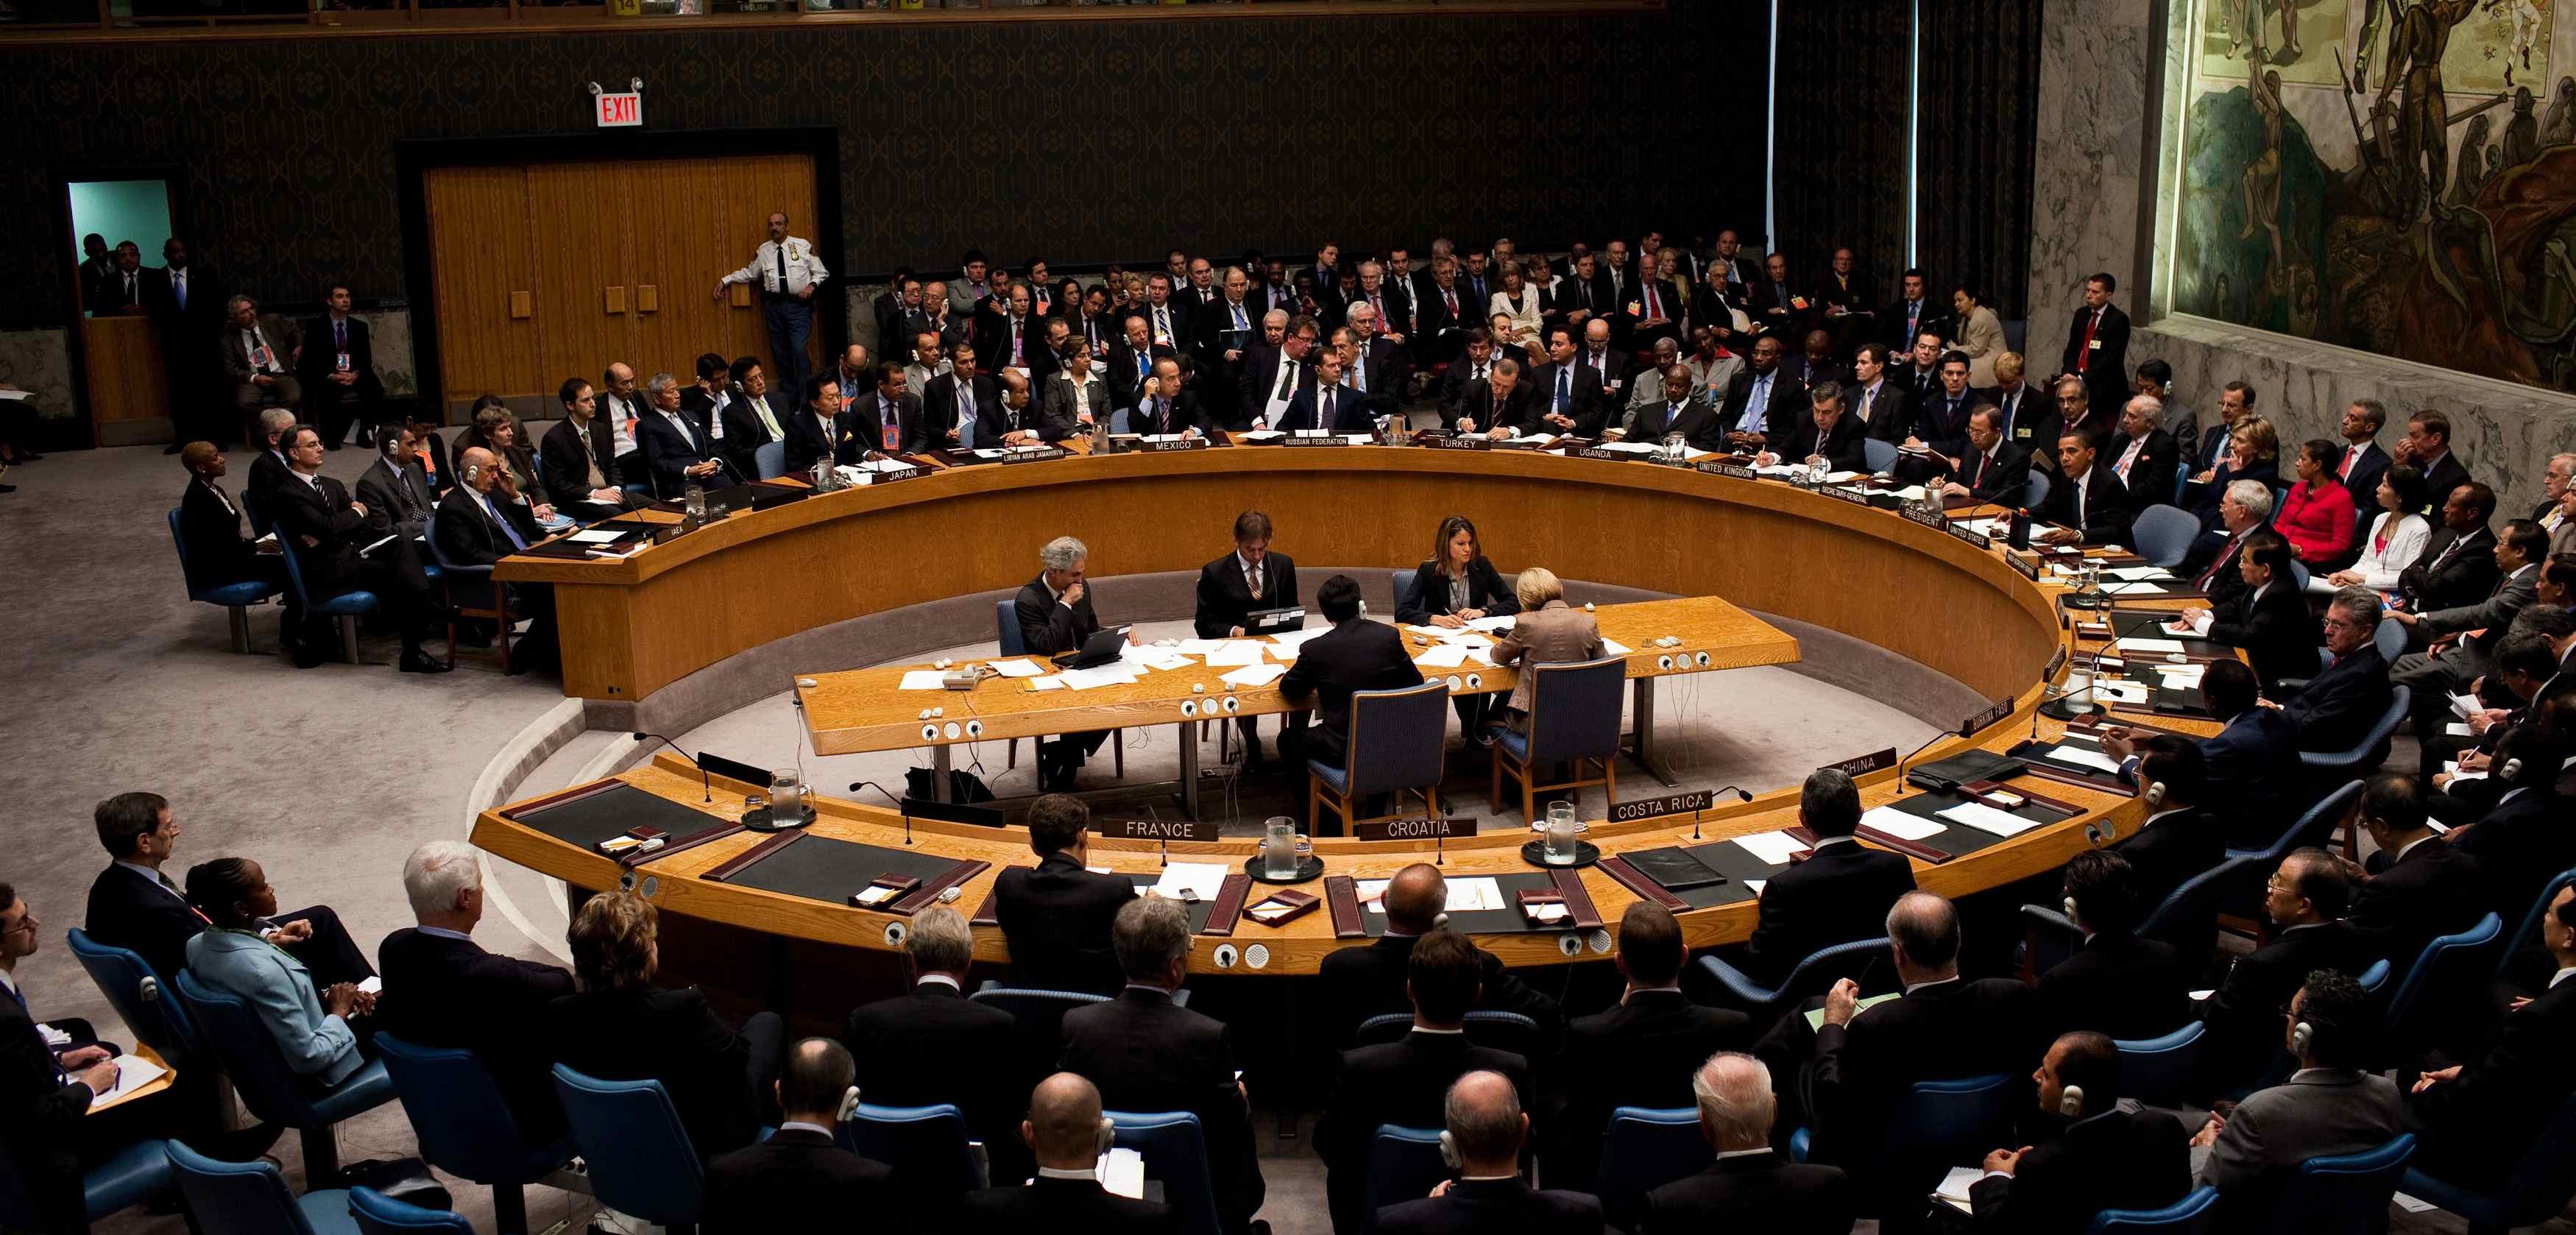 Piden reunión urgente del Consejo de Seguridad por anuncio sobre Jerusalén